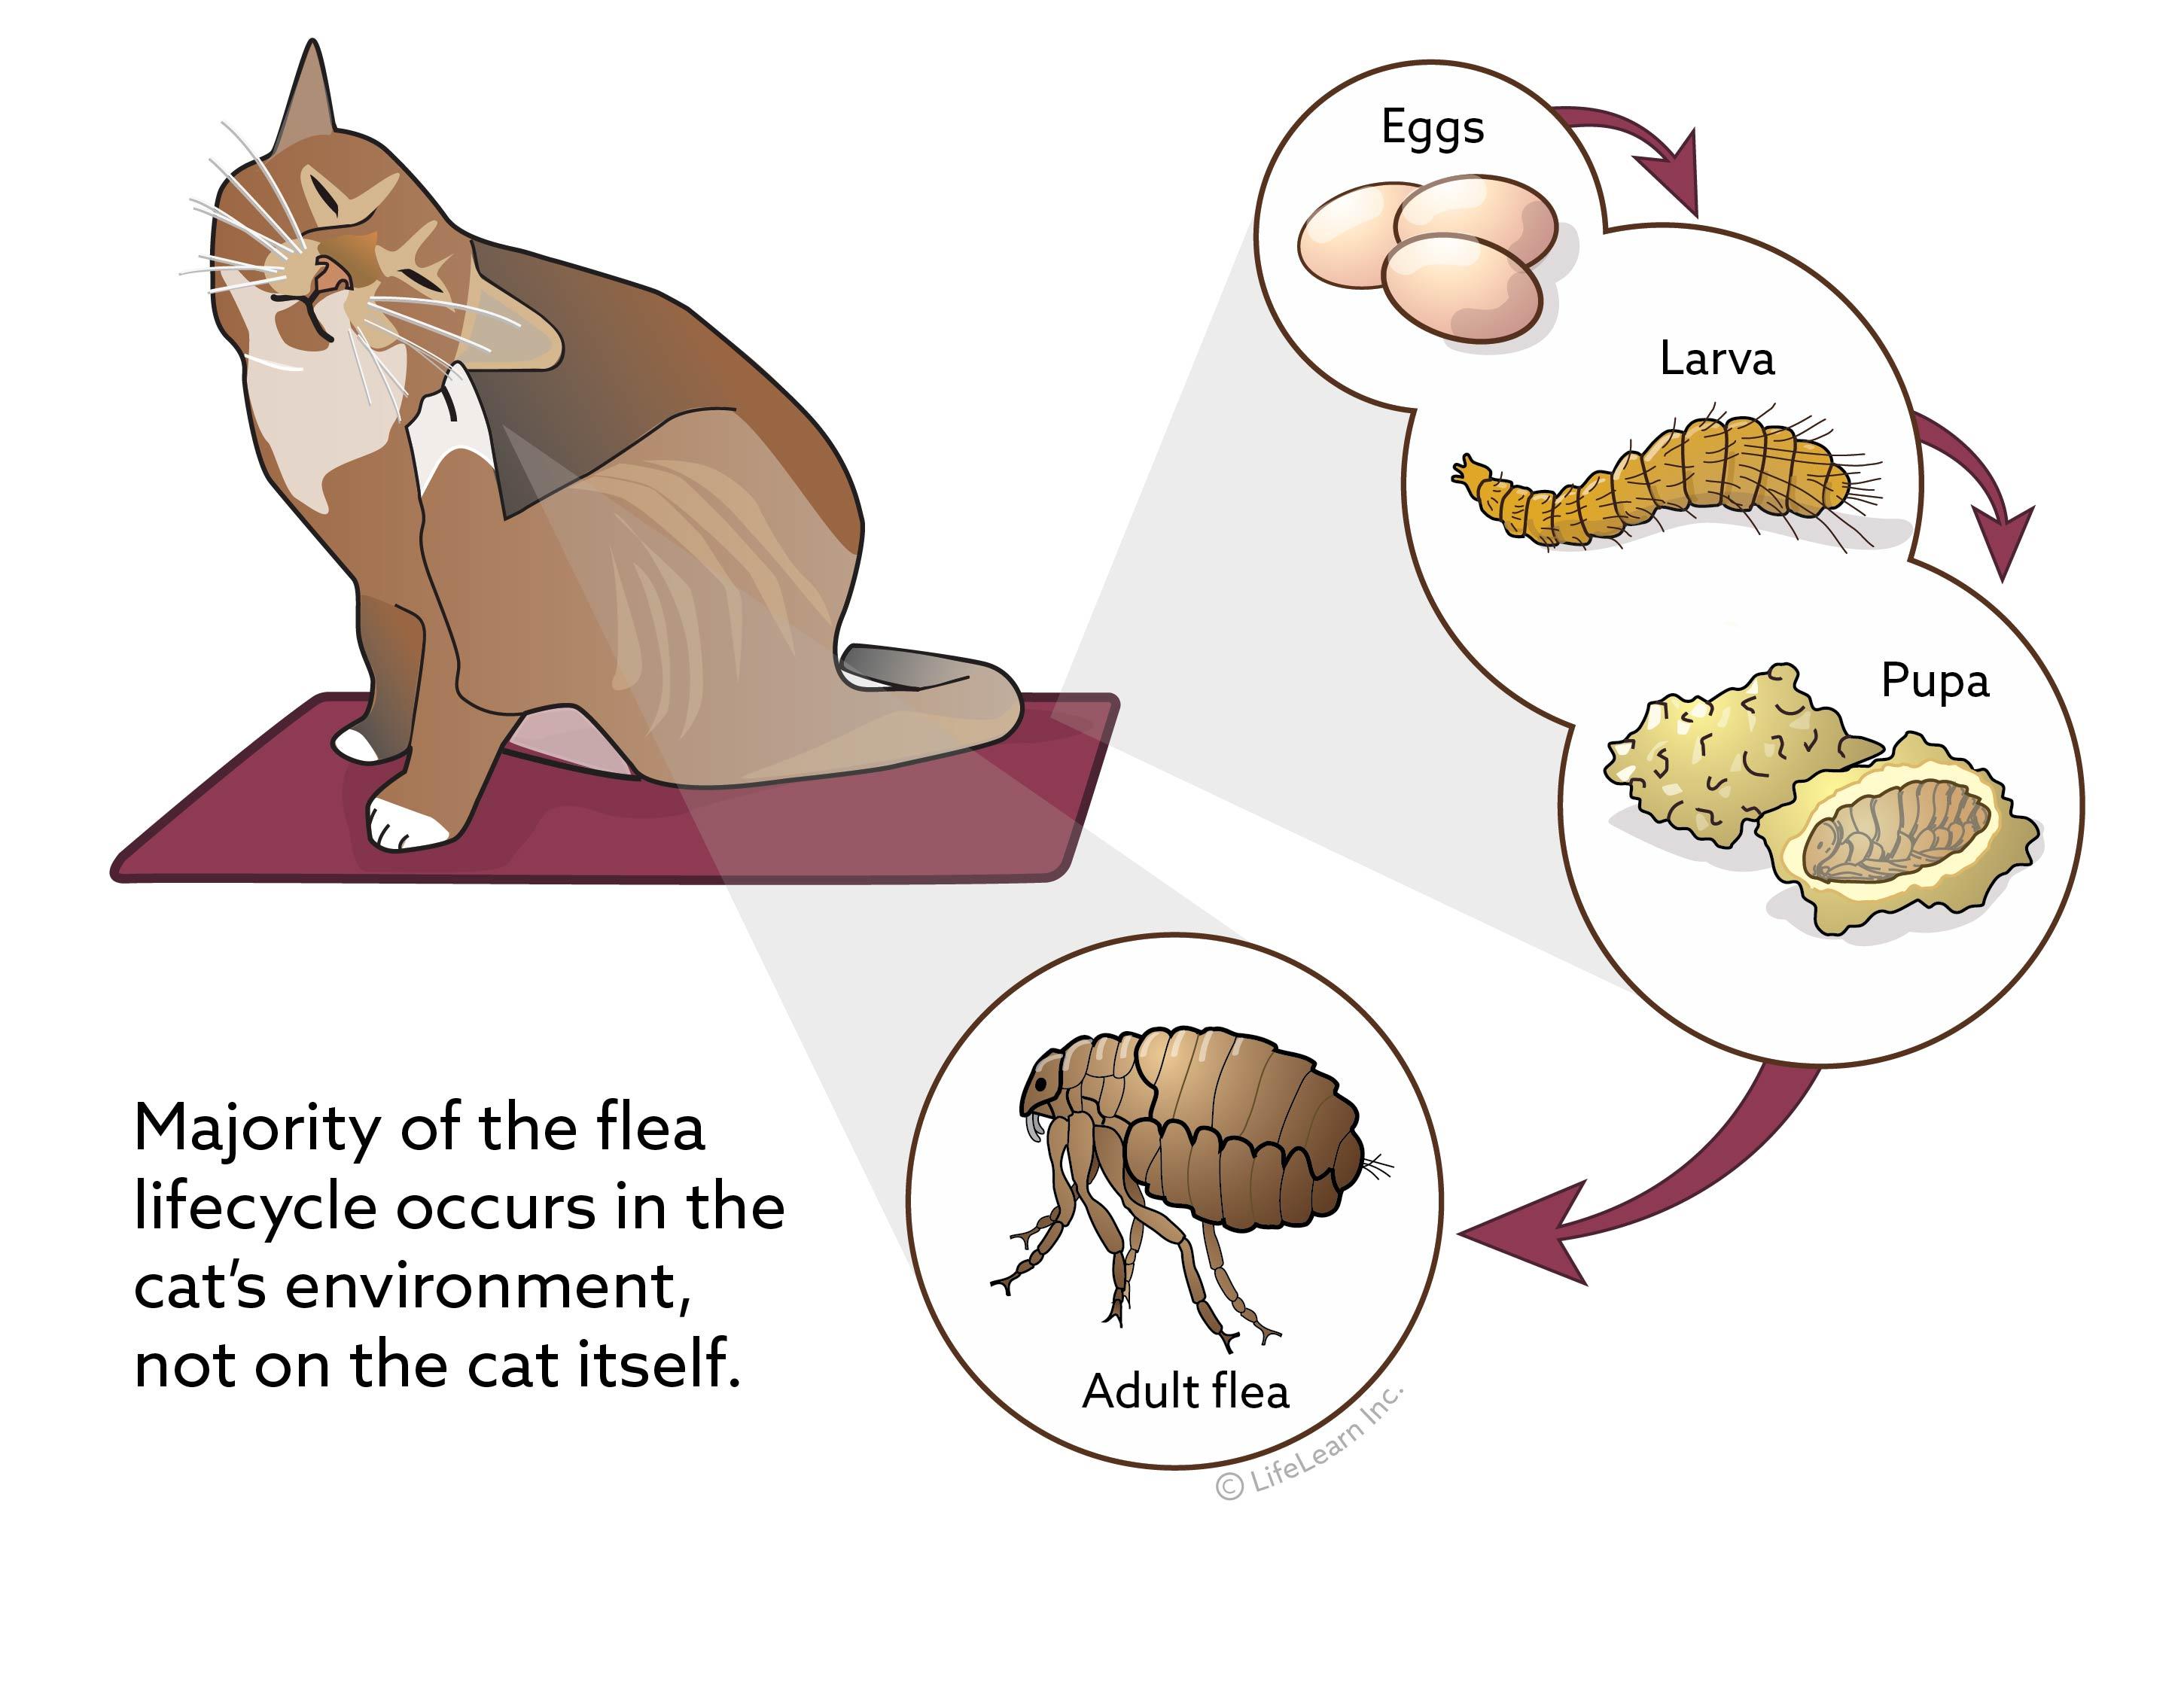 fleas_lifecycle_cat_2017-01